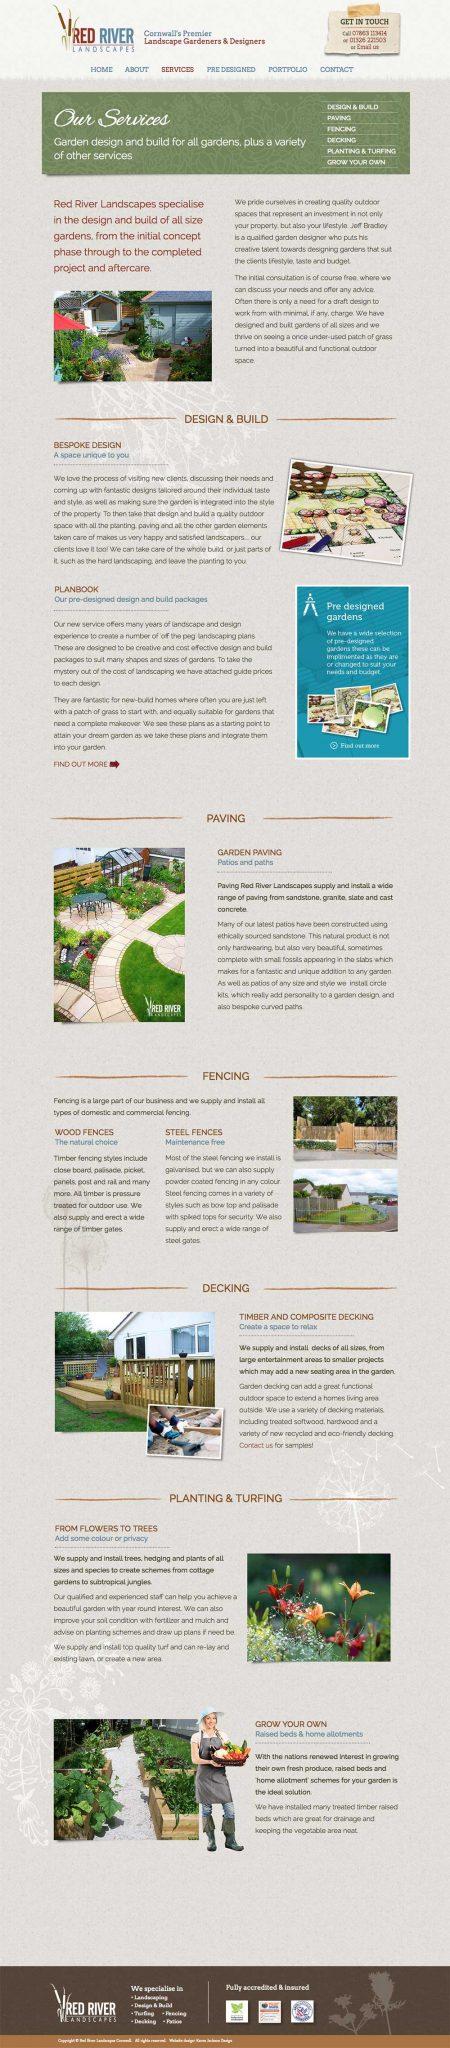 redriver-landscapes-website-design